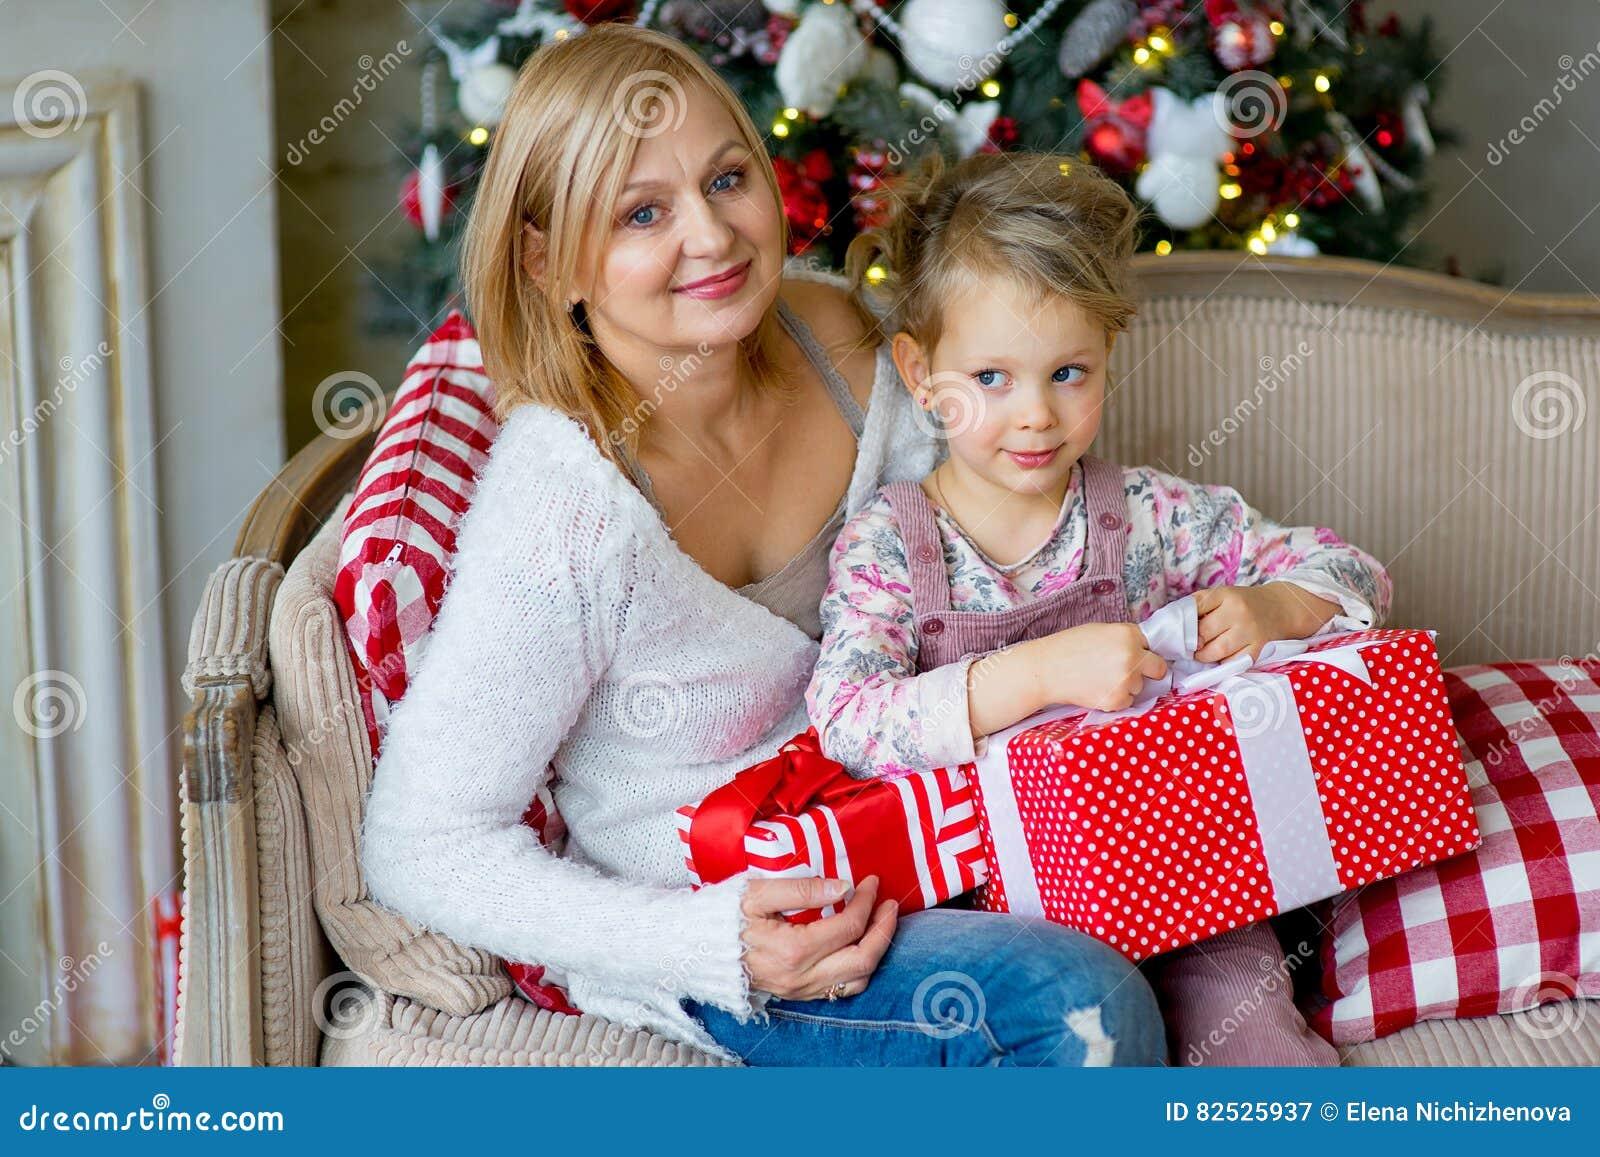 Regali Di Natale Per La Nonna.Ragazza E Nonna Con I Regali Di Natale Immagine Stock Immagine Di